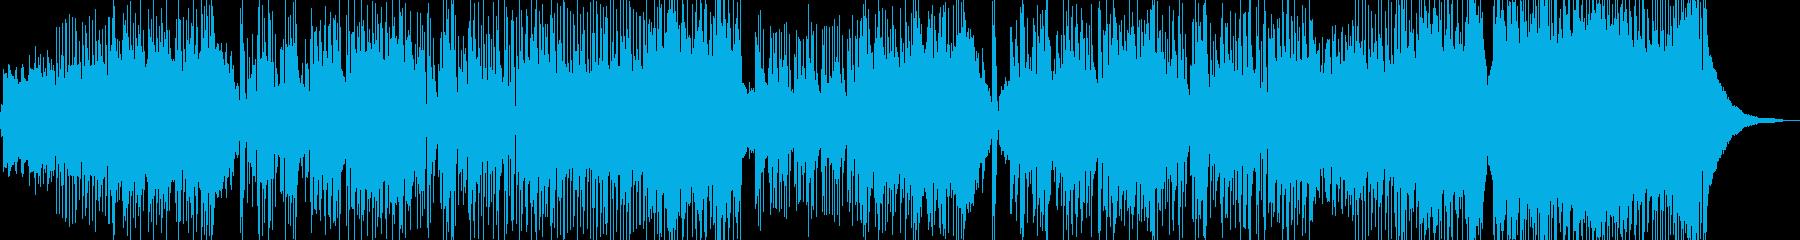 新鮮な空気感の演出・クールなロック Cの再生済みの波形